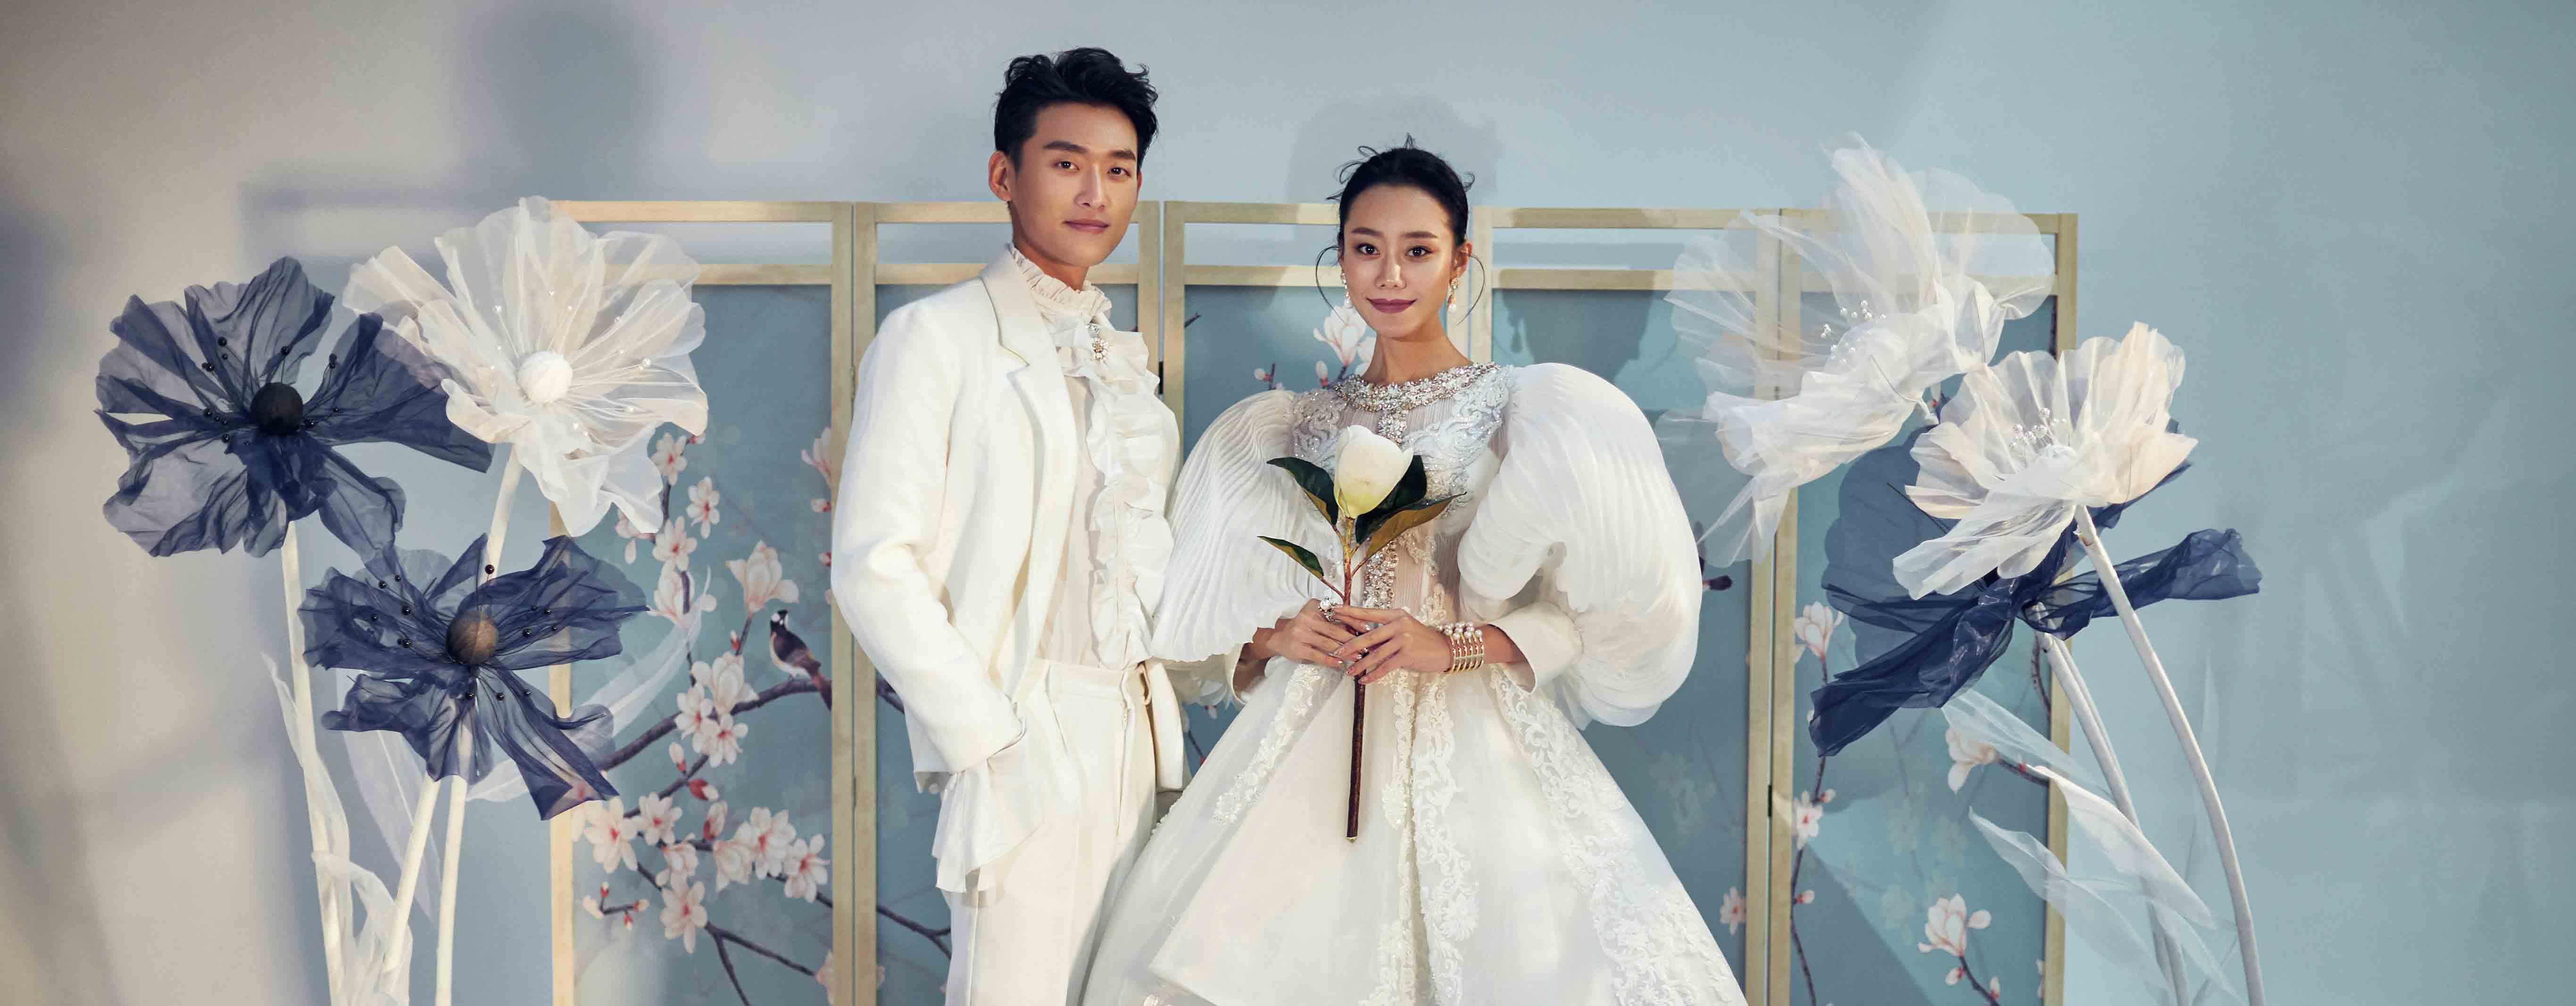 太原柳巷婚纱照